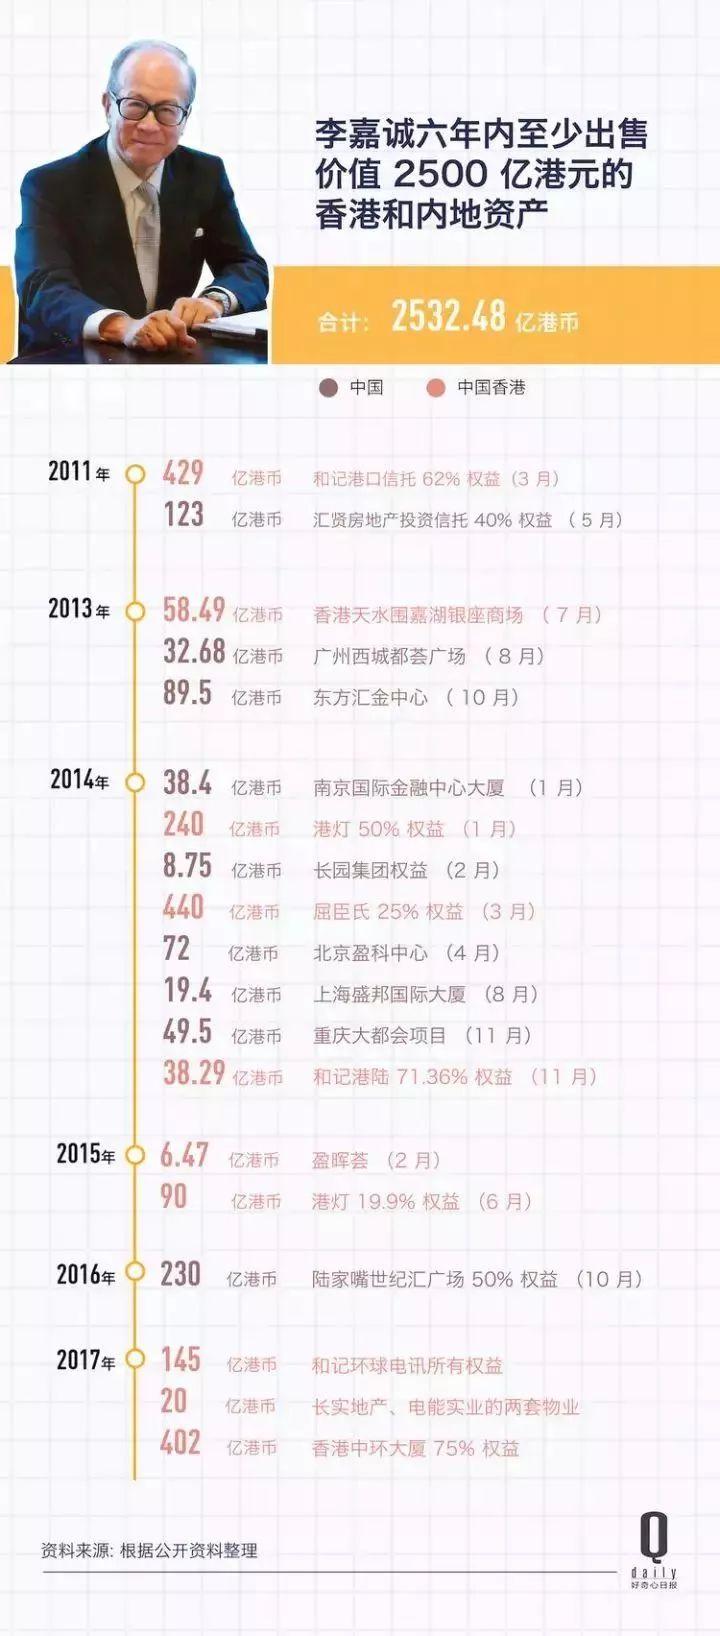 1997年香港gdp_王若愚:深圳GDP赶超香港——当理想成为现实